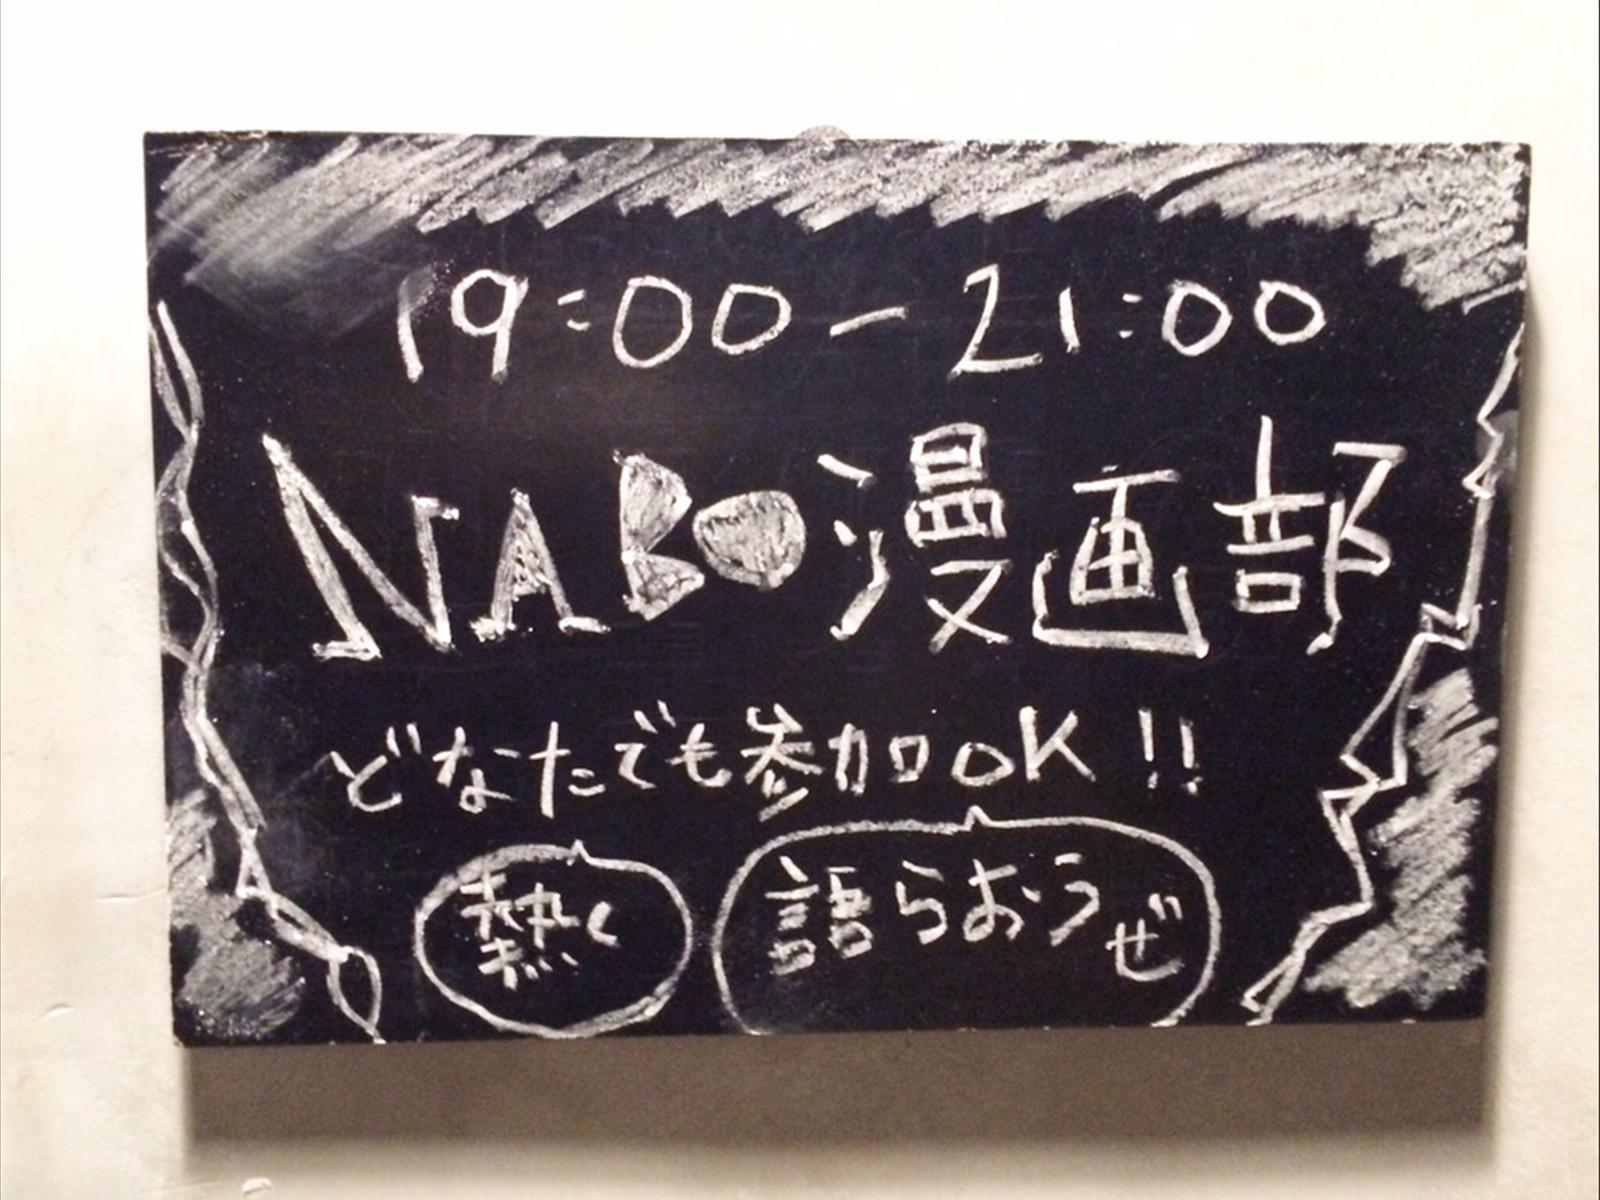 長野県上田市のブックカフェでマンガ好きを集めたイベントも行っている。